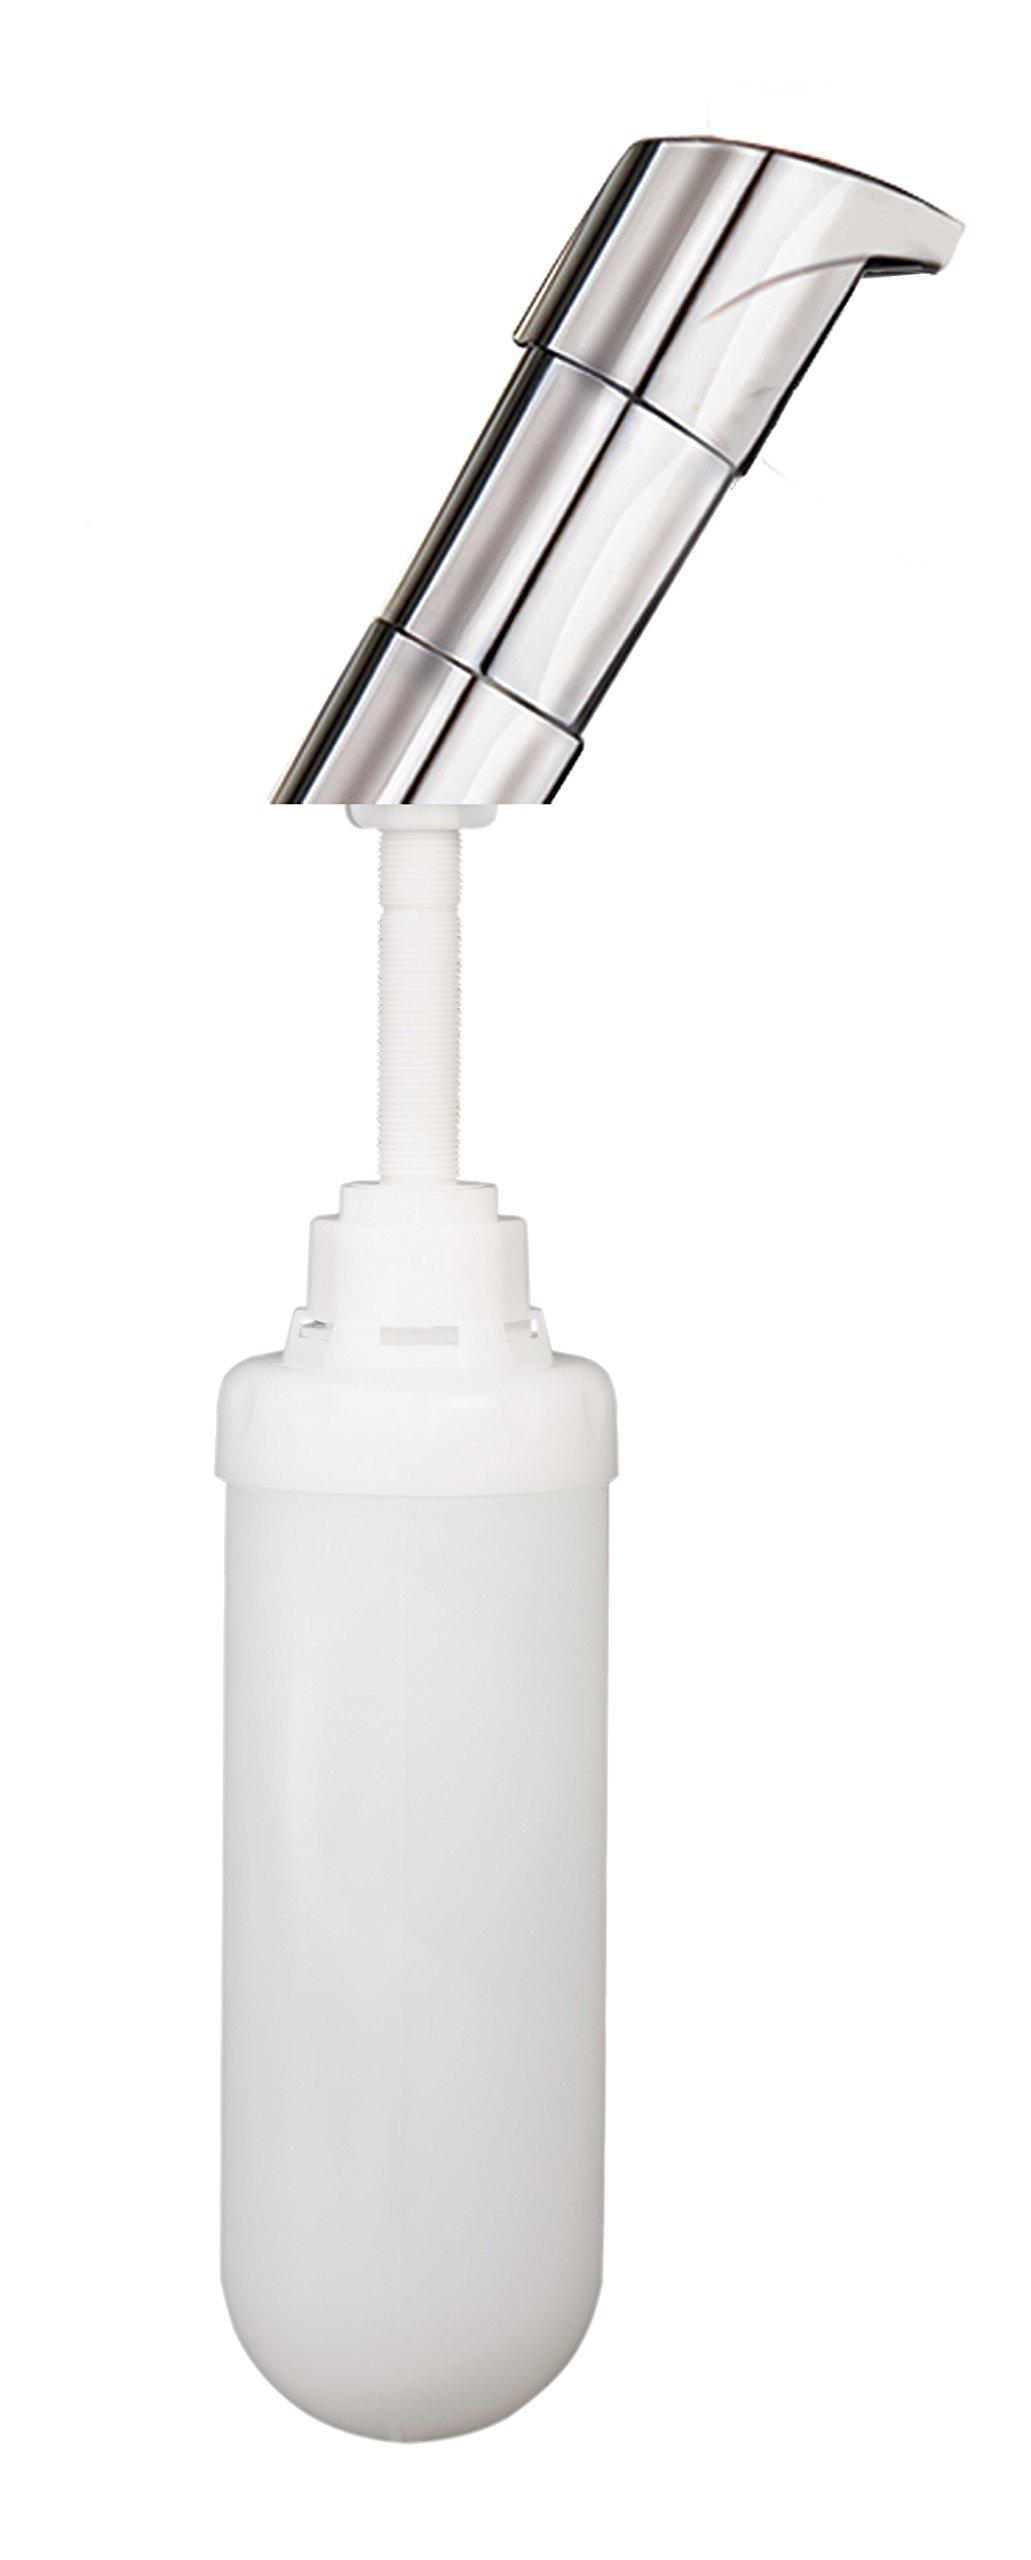 EZ Foam 9930CHR Counter Mount Dispenser, Plastic, 1000 mL, All Chrome